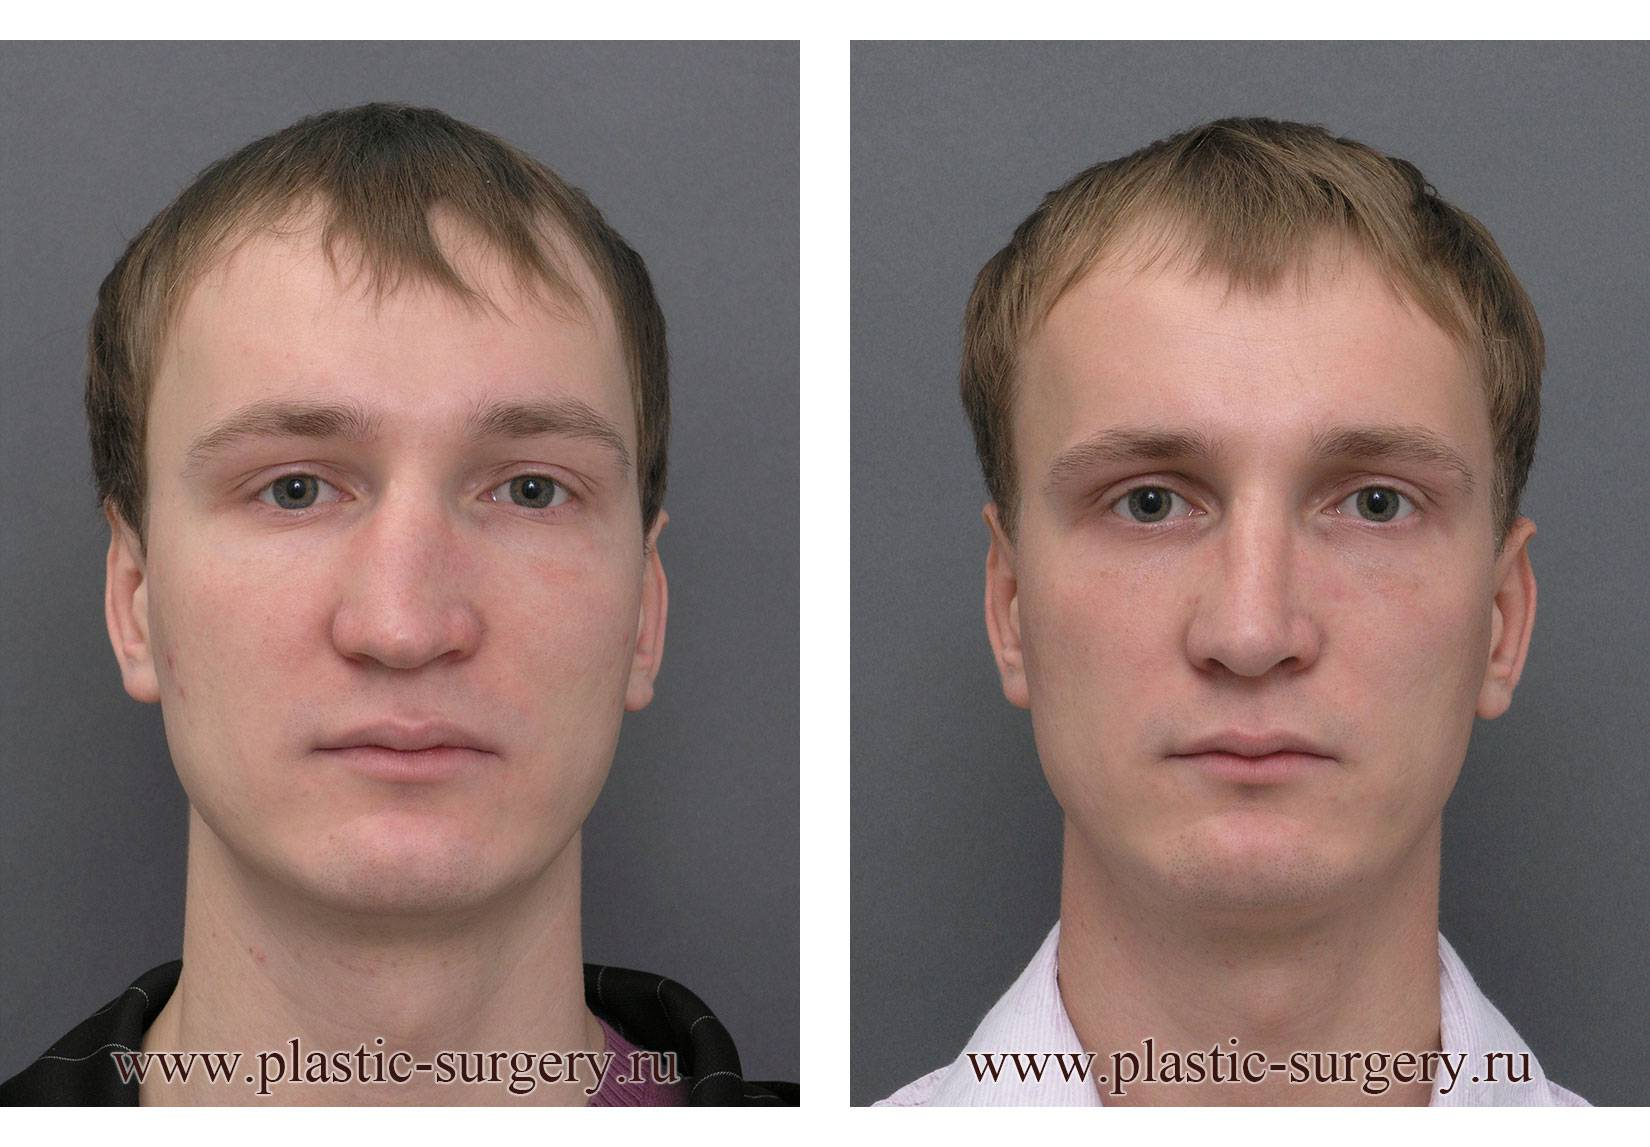 Кривой нос: способы исправить дефект